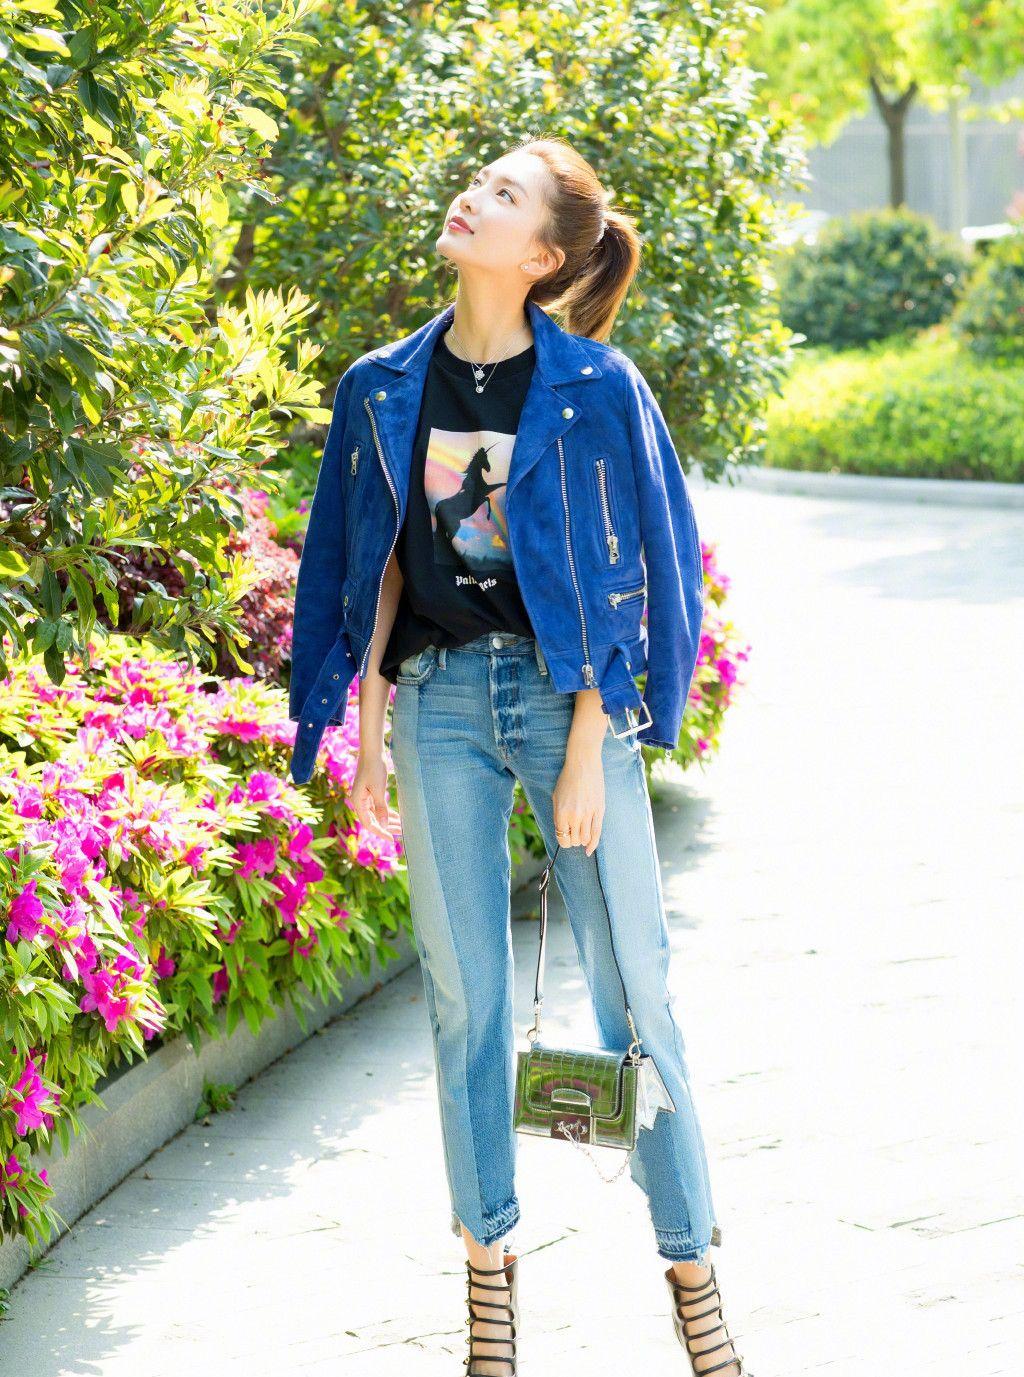 女神江疏影日常太会穿系列,绝对引领时尚潮流,轻松复制学起来!